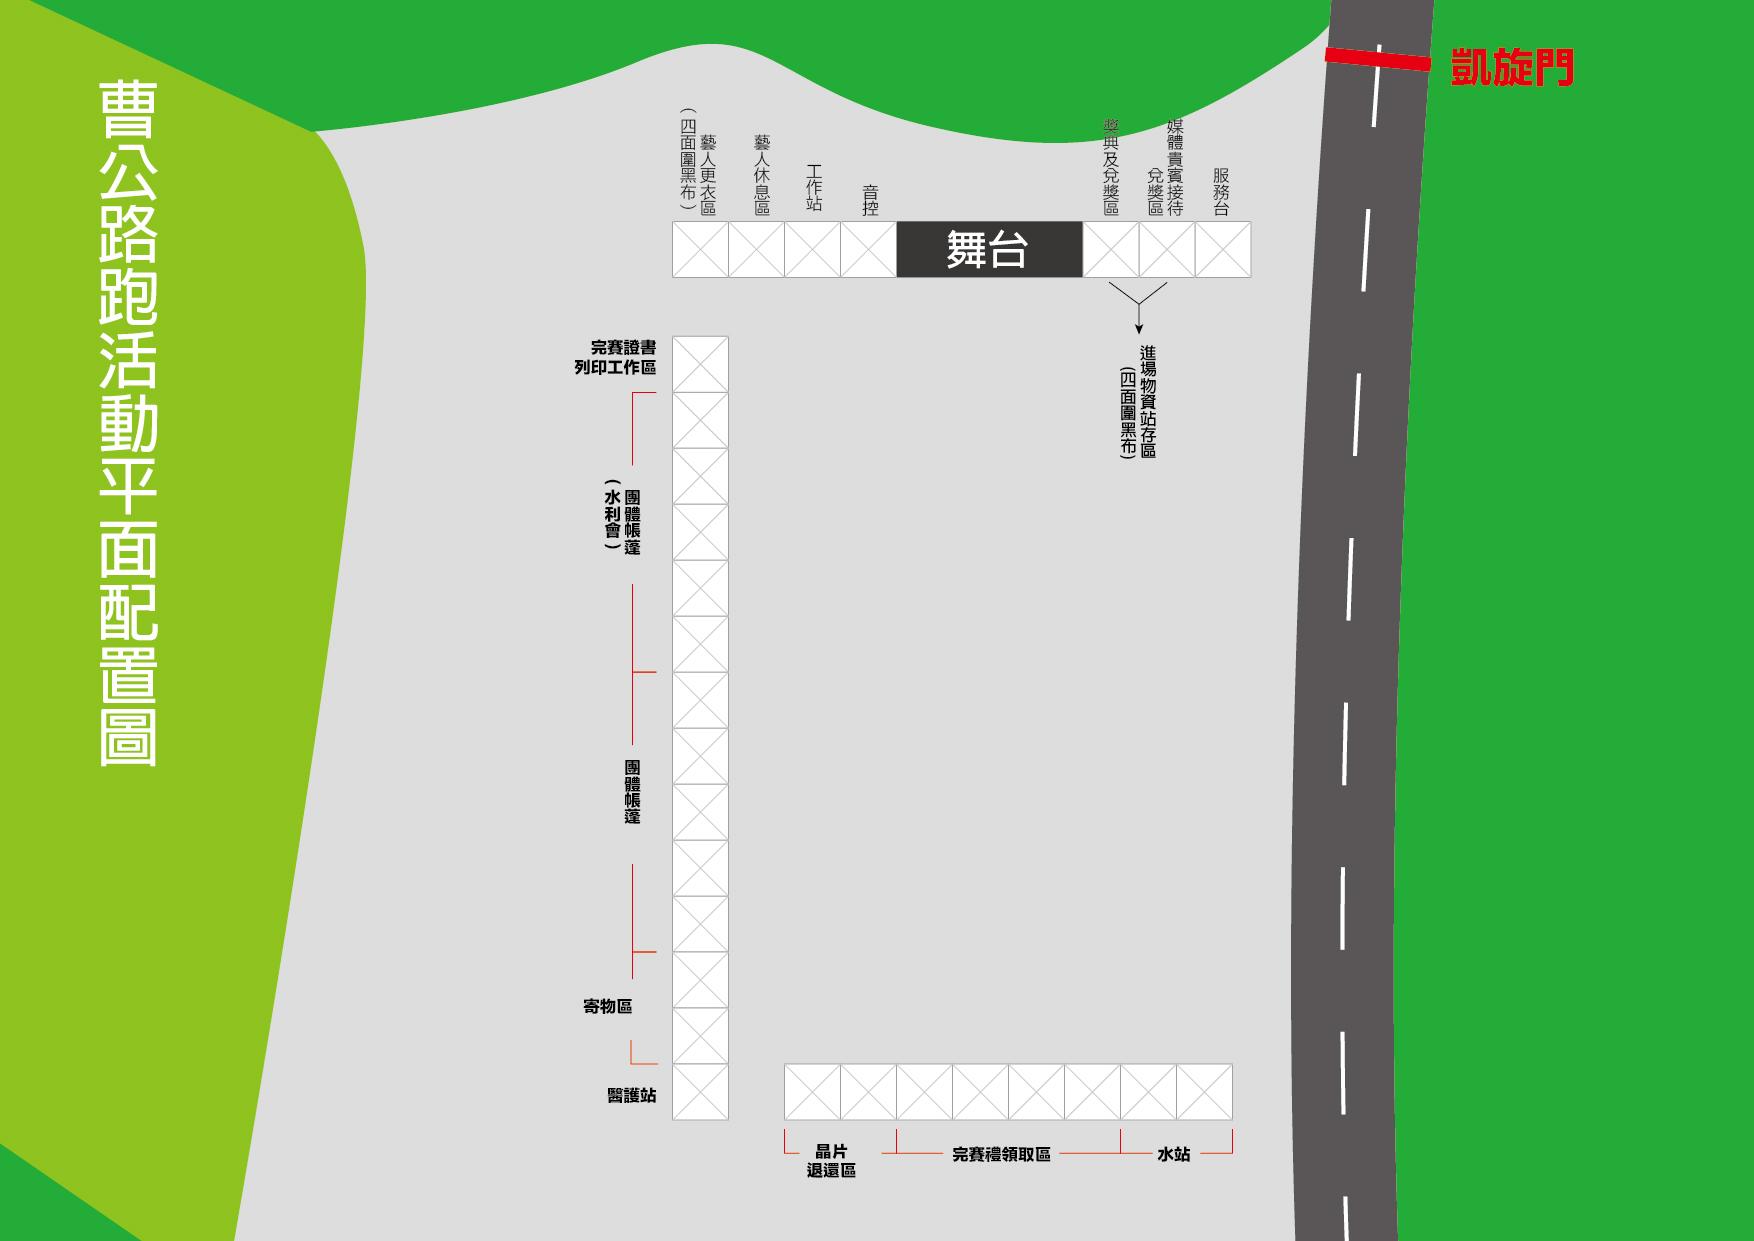 曹公路跑平配圖_V2_工作區域 1